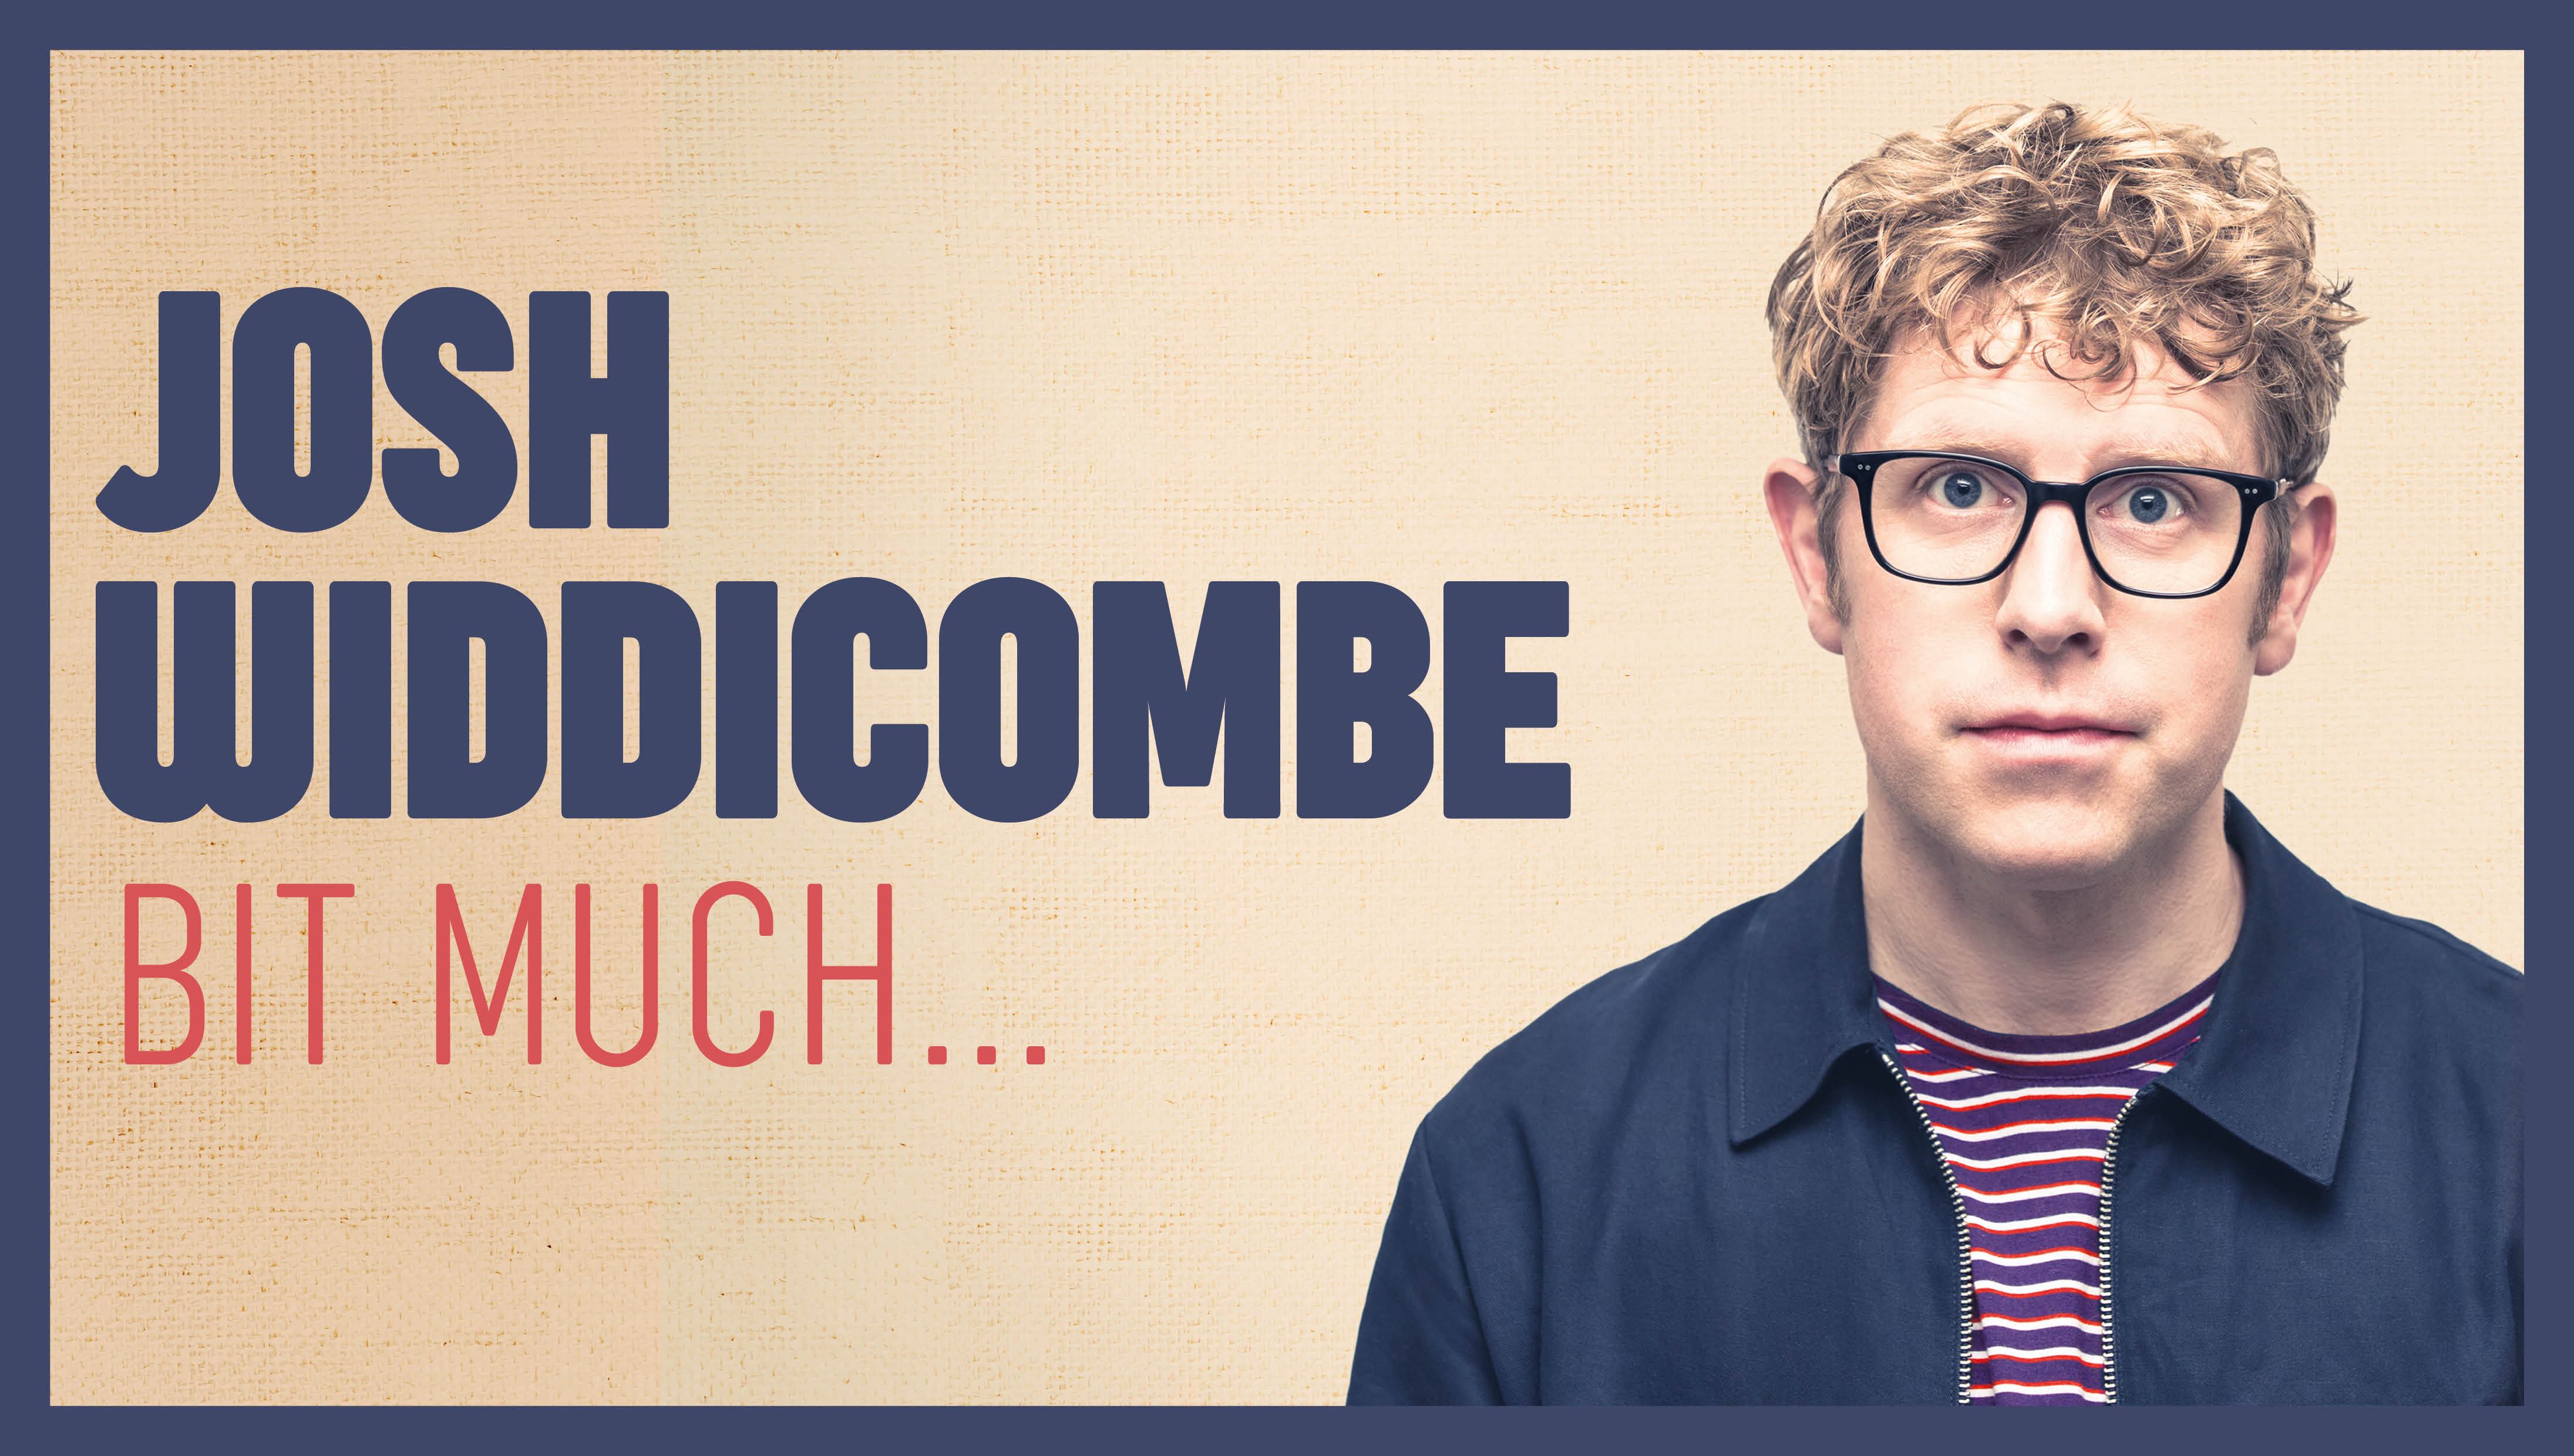 Josh Widdicombe – Bit Much…